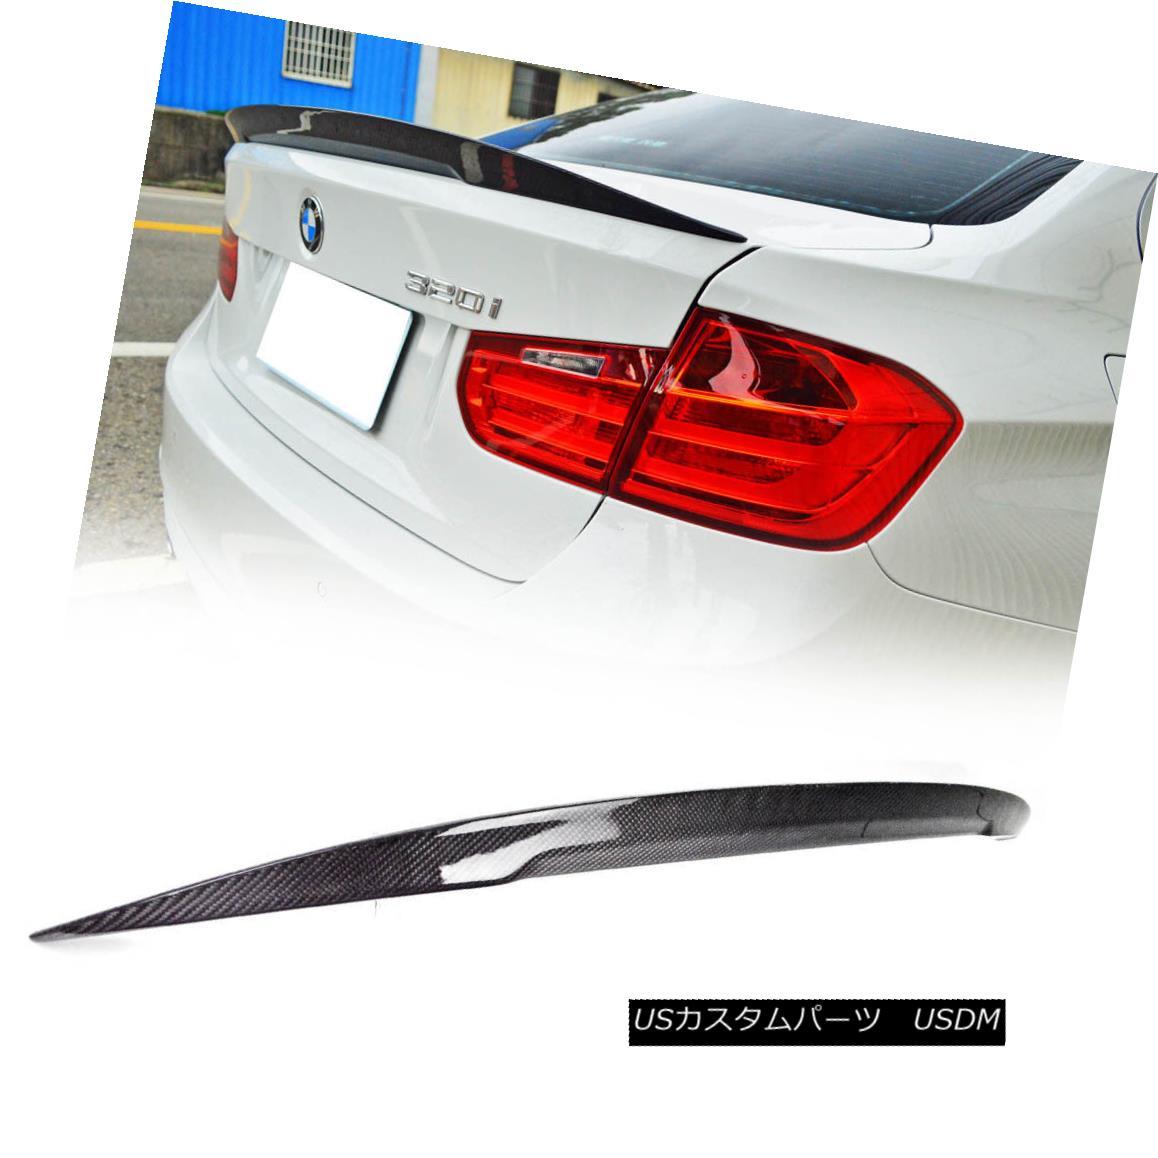 エアロパーツ CARBON BMW F30 SEDAN F80 M3 HIGH PERFORMANCE REAR TRUNK SPOILER 328i 340i カーボンBMW F30セダンF80 M3ハイパフォーマンスリアトゥーンスポイラー328i 340i